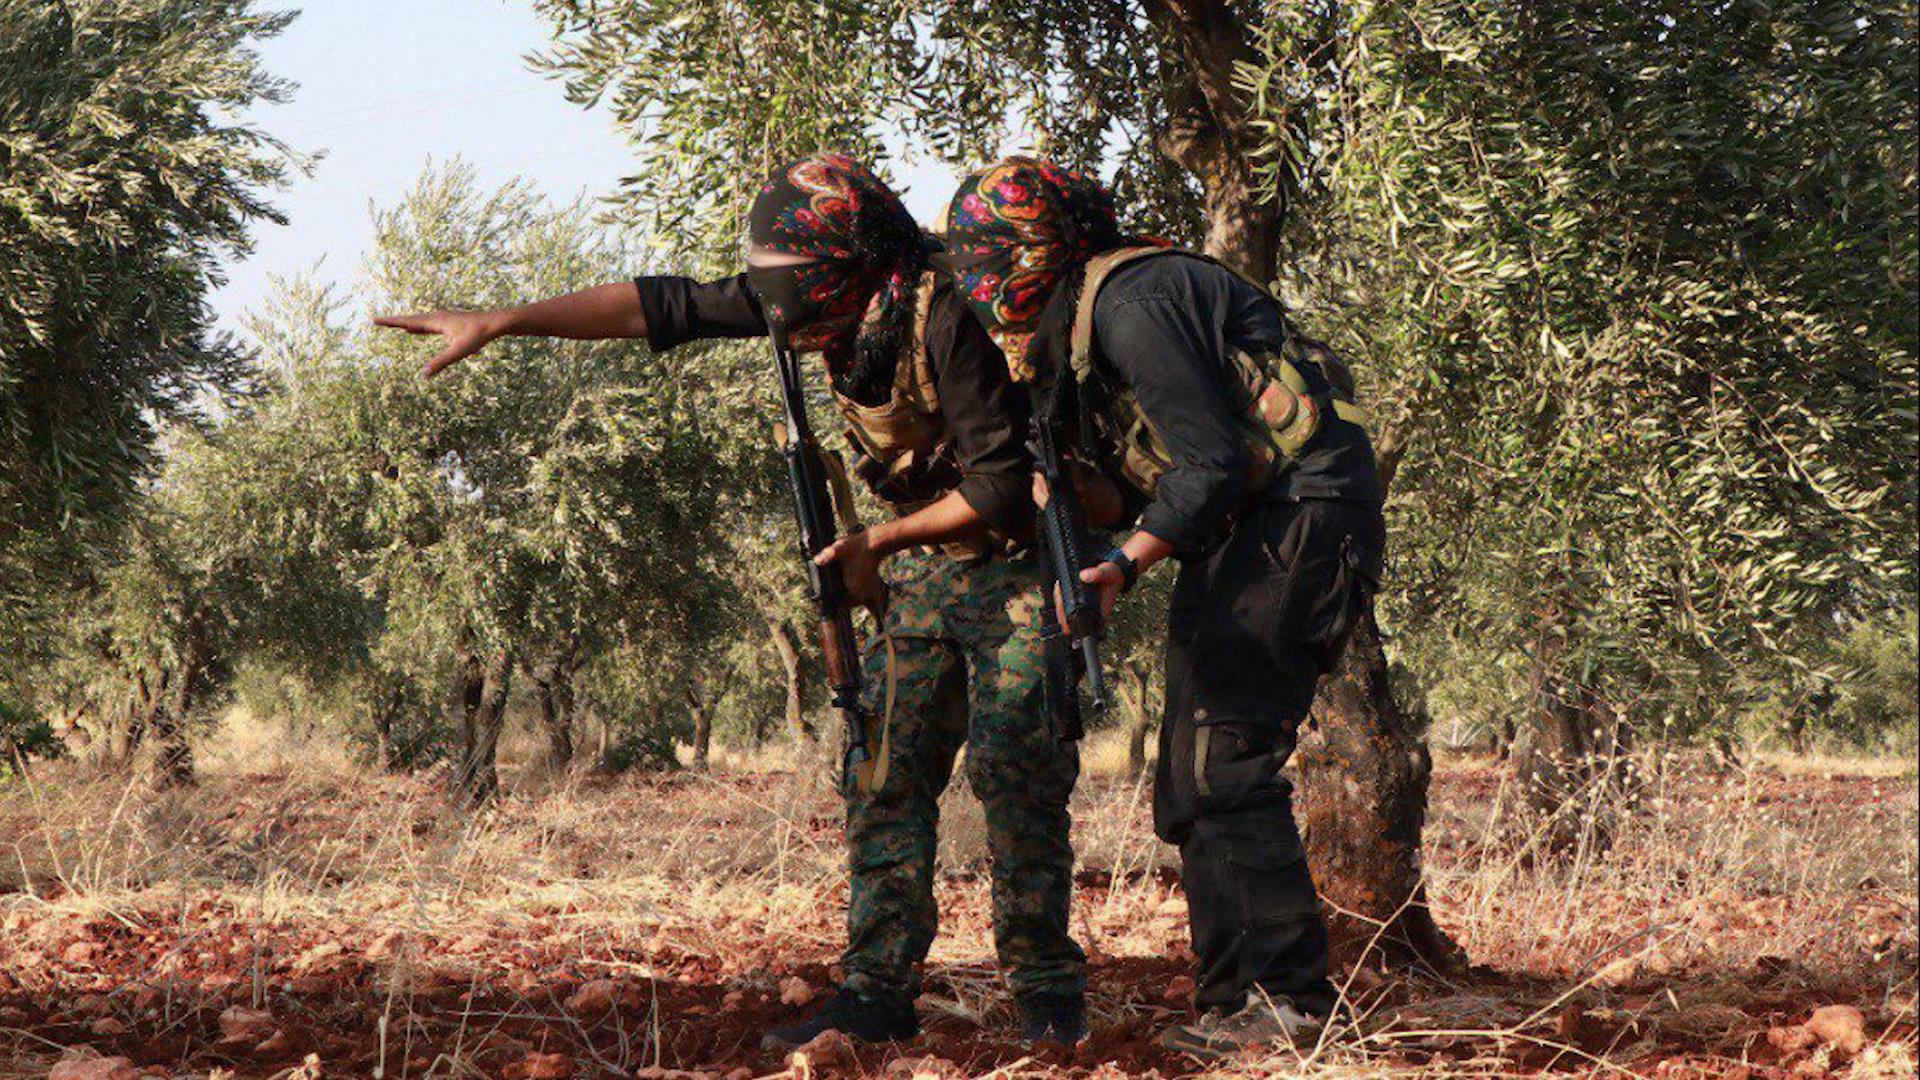 Photo of HRE: li Efrîn û gundewarên wê 5 çete û leşkerke dewleta Tirk hat kuştin